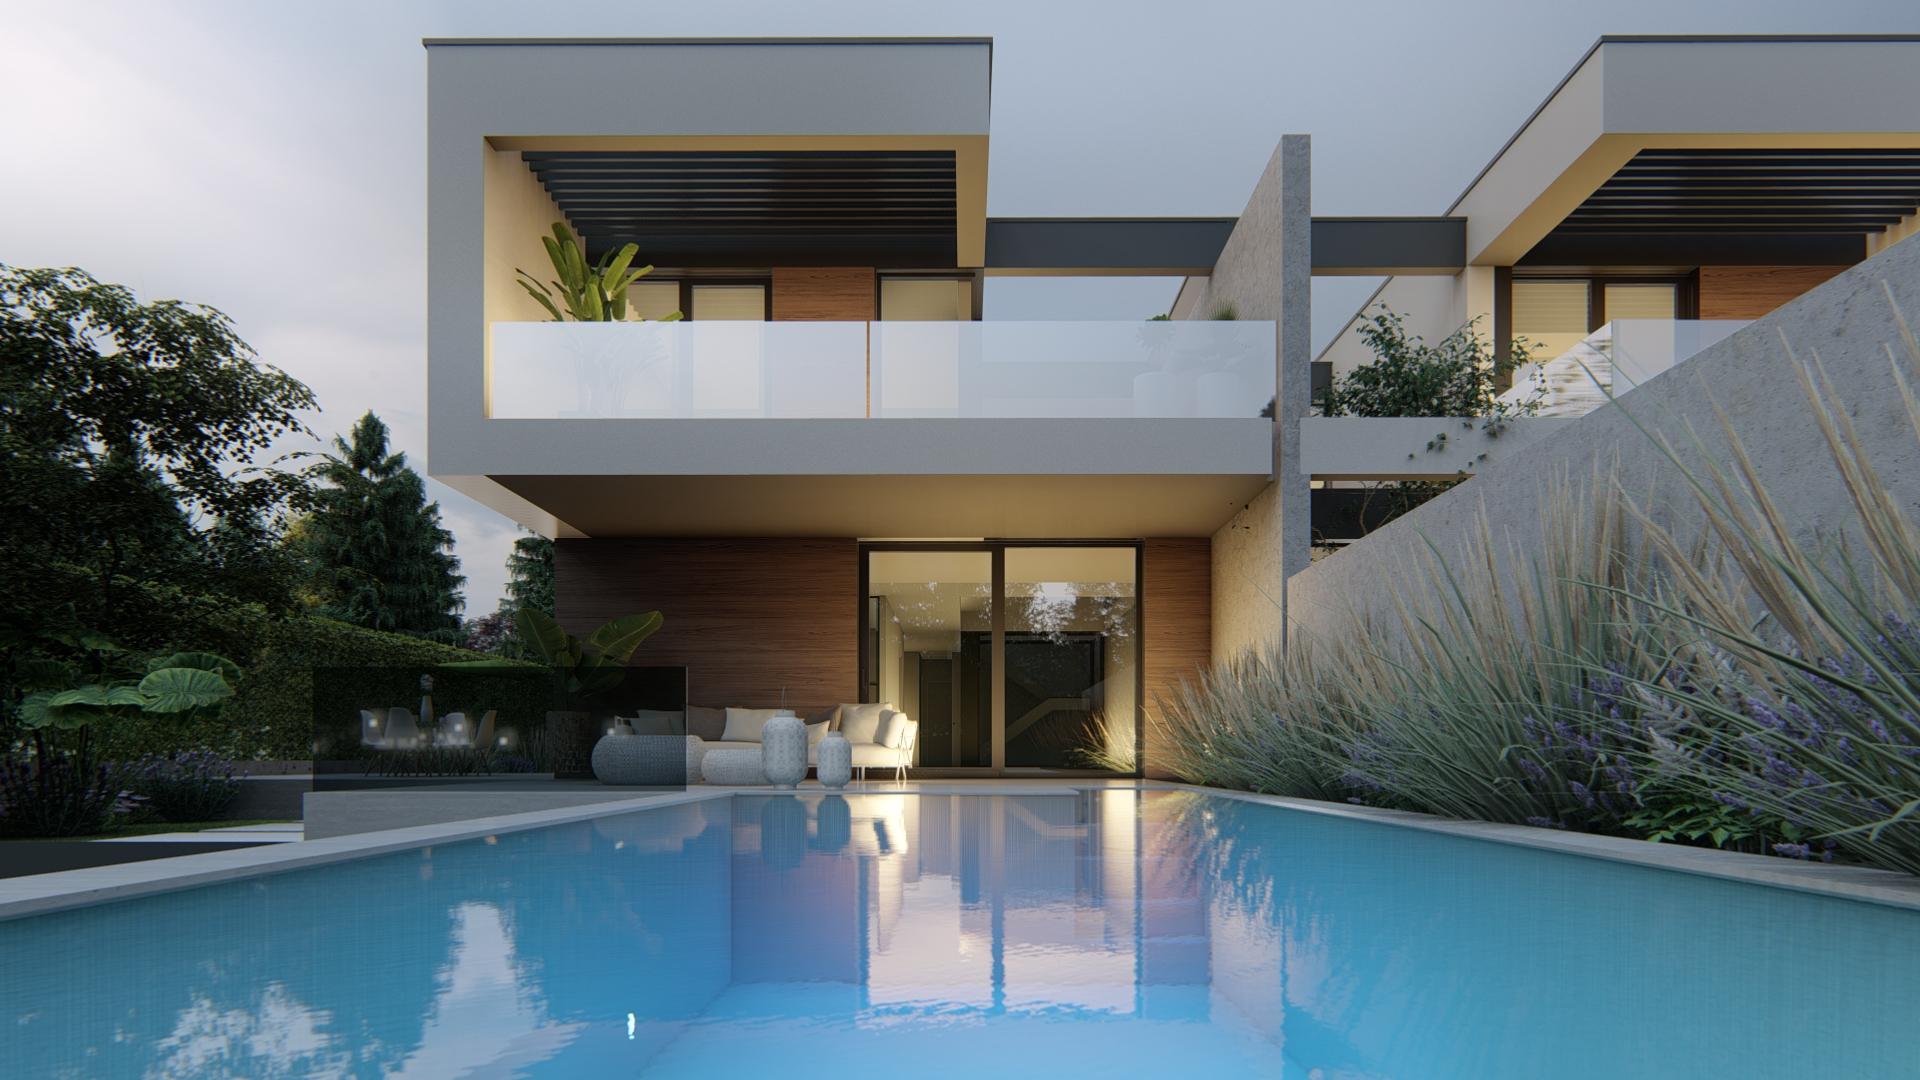 Proyecto del estudio de arquitectura FH2L Arquitectos de 2 viviendas pareadas en Valdemarín, Madrid.